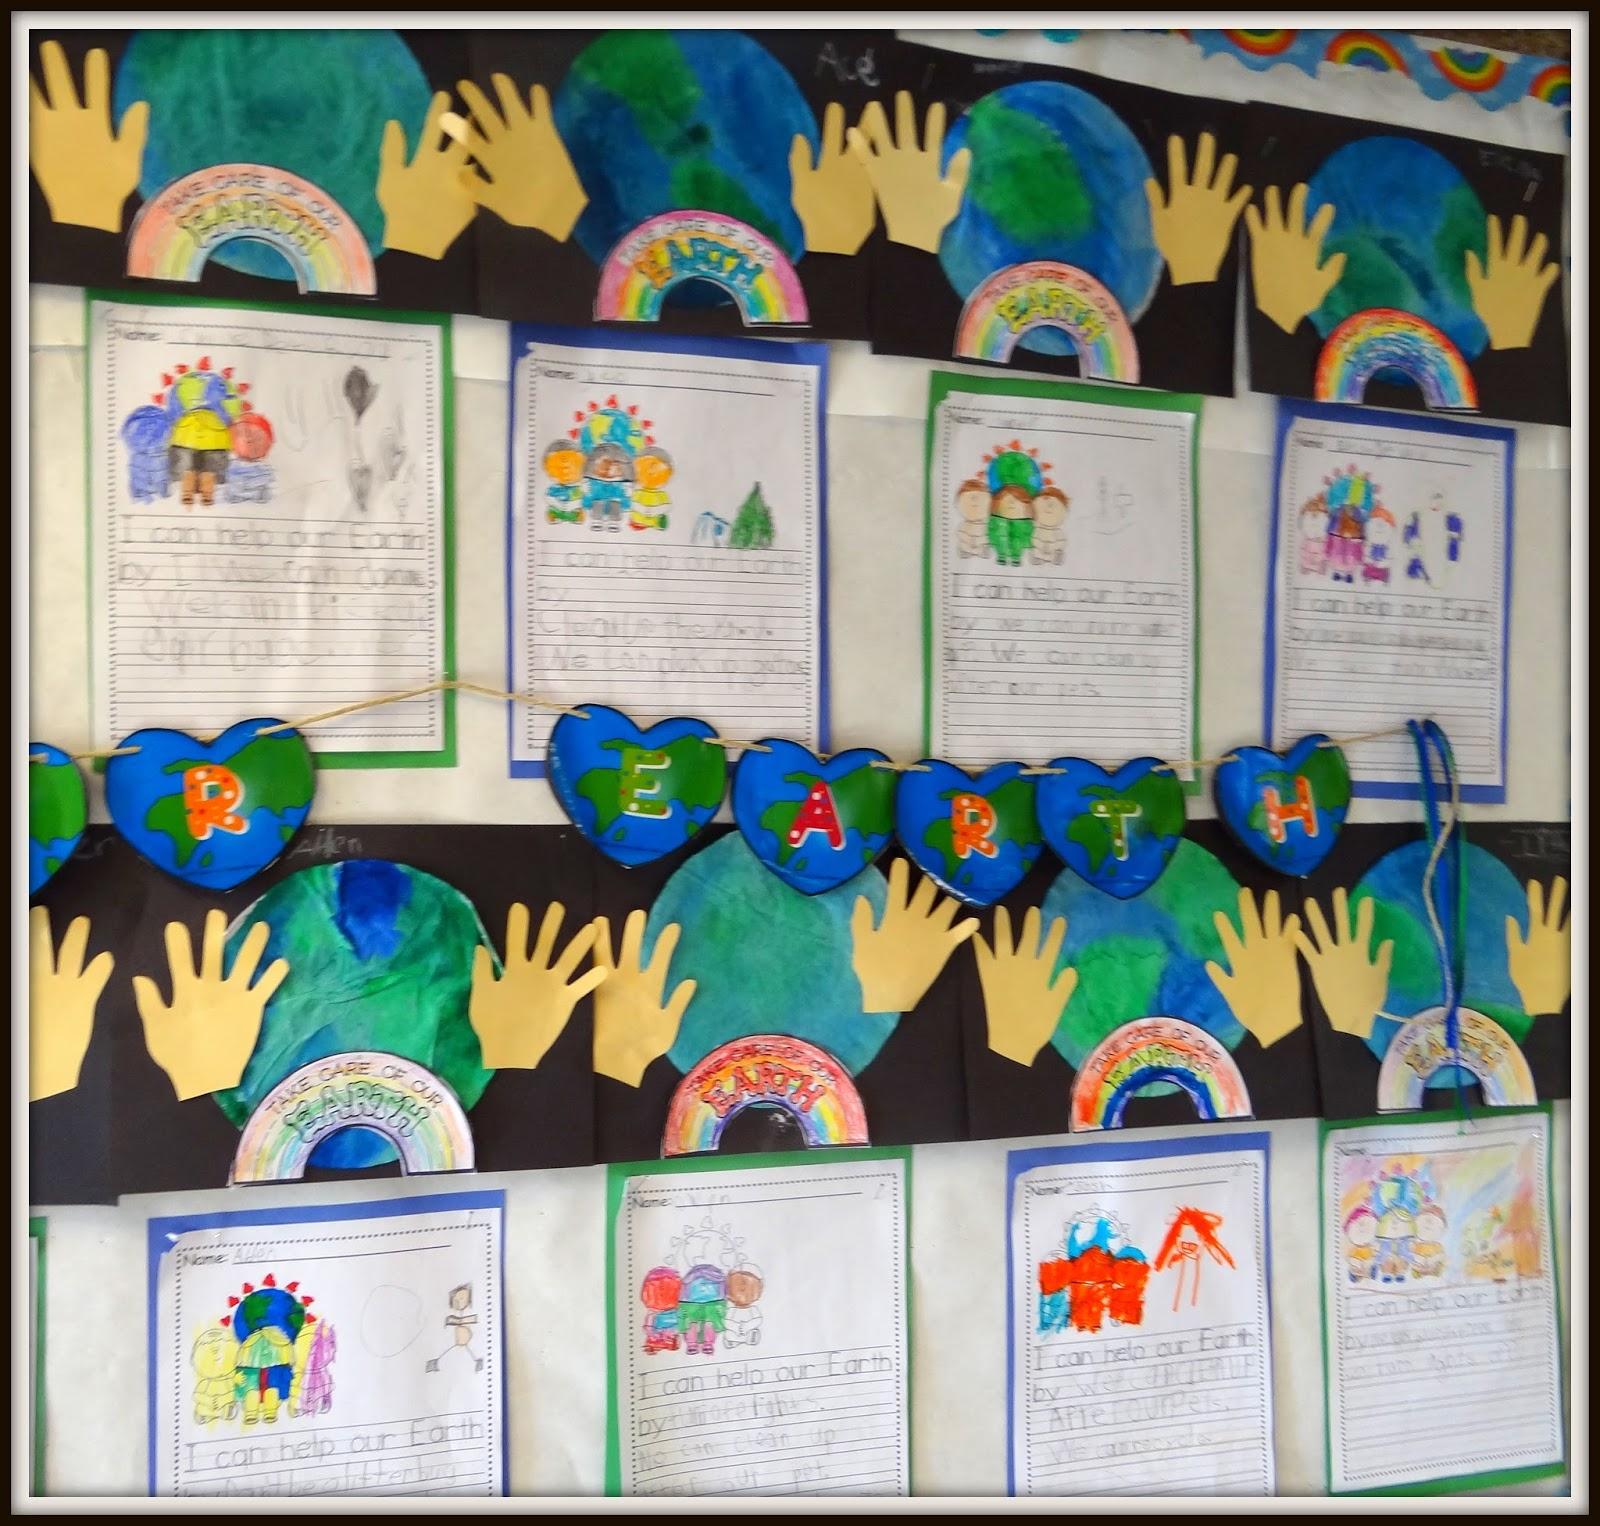 Scrapbook ideas kindergarten - Earth Day Activities We Did In My Kindergarten Class This Week